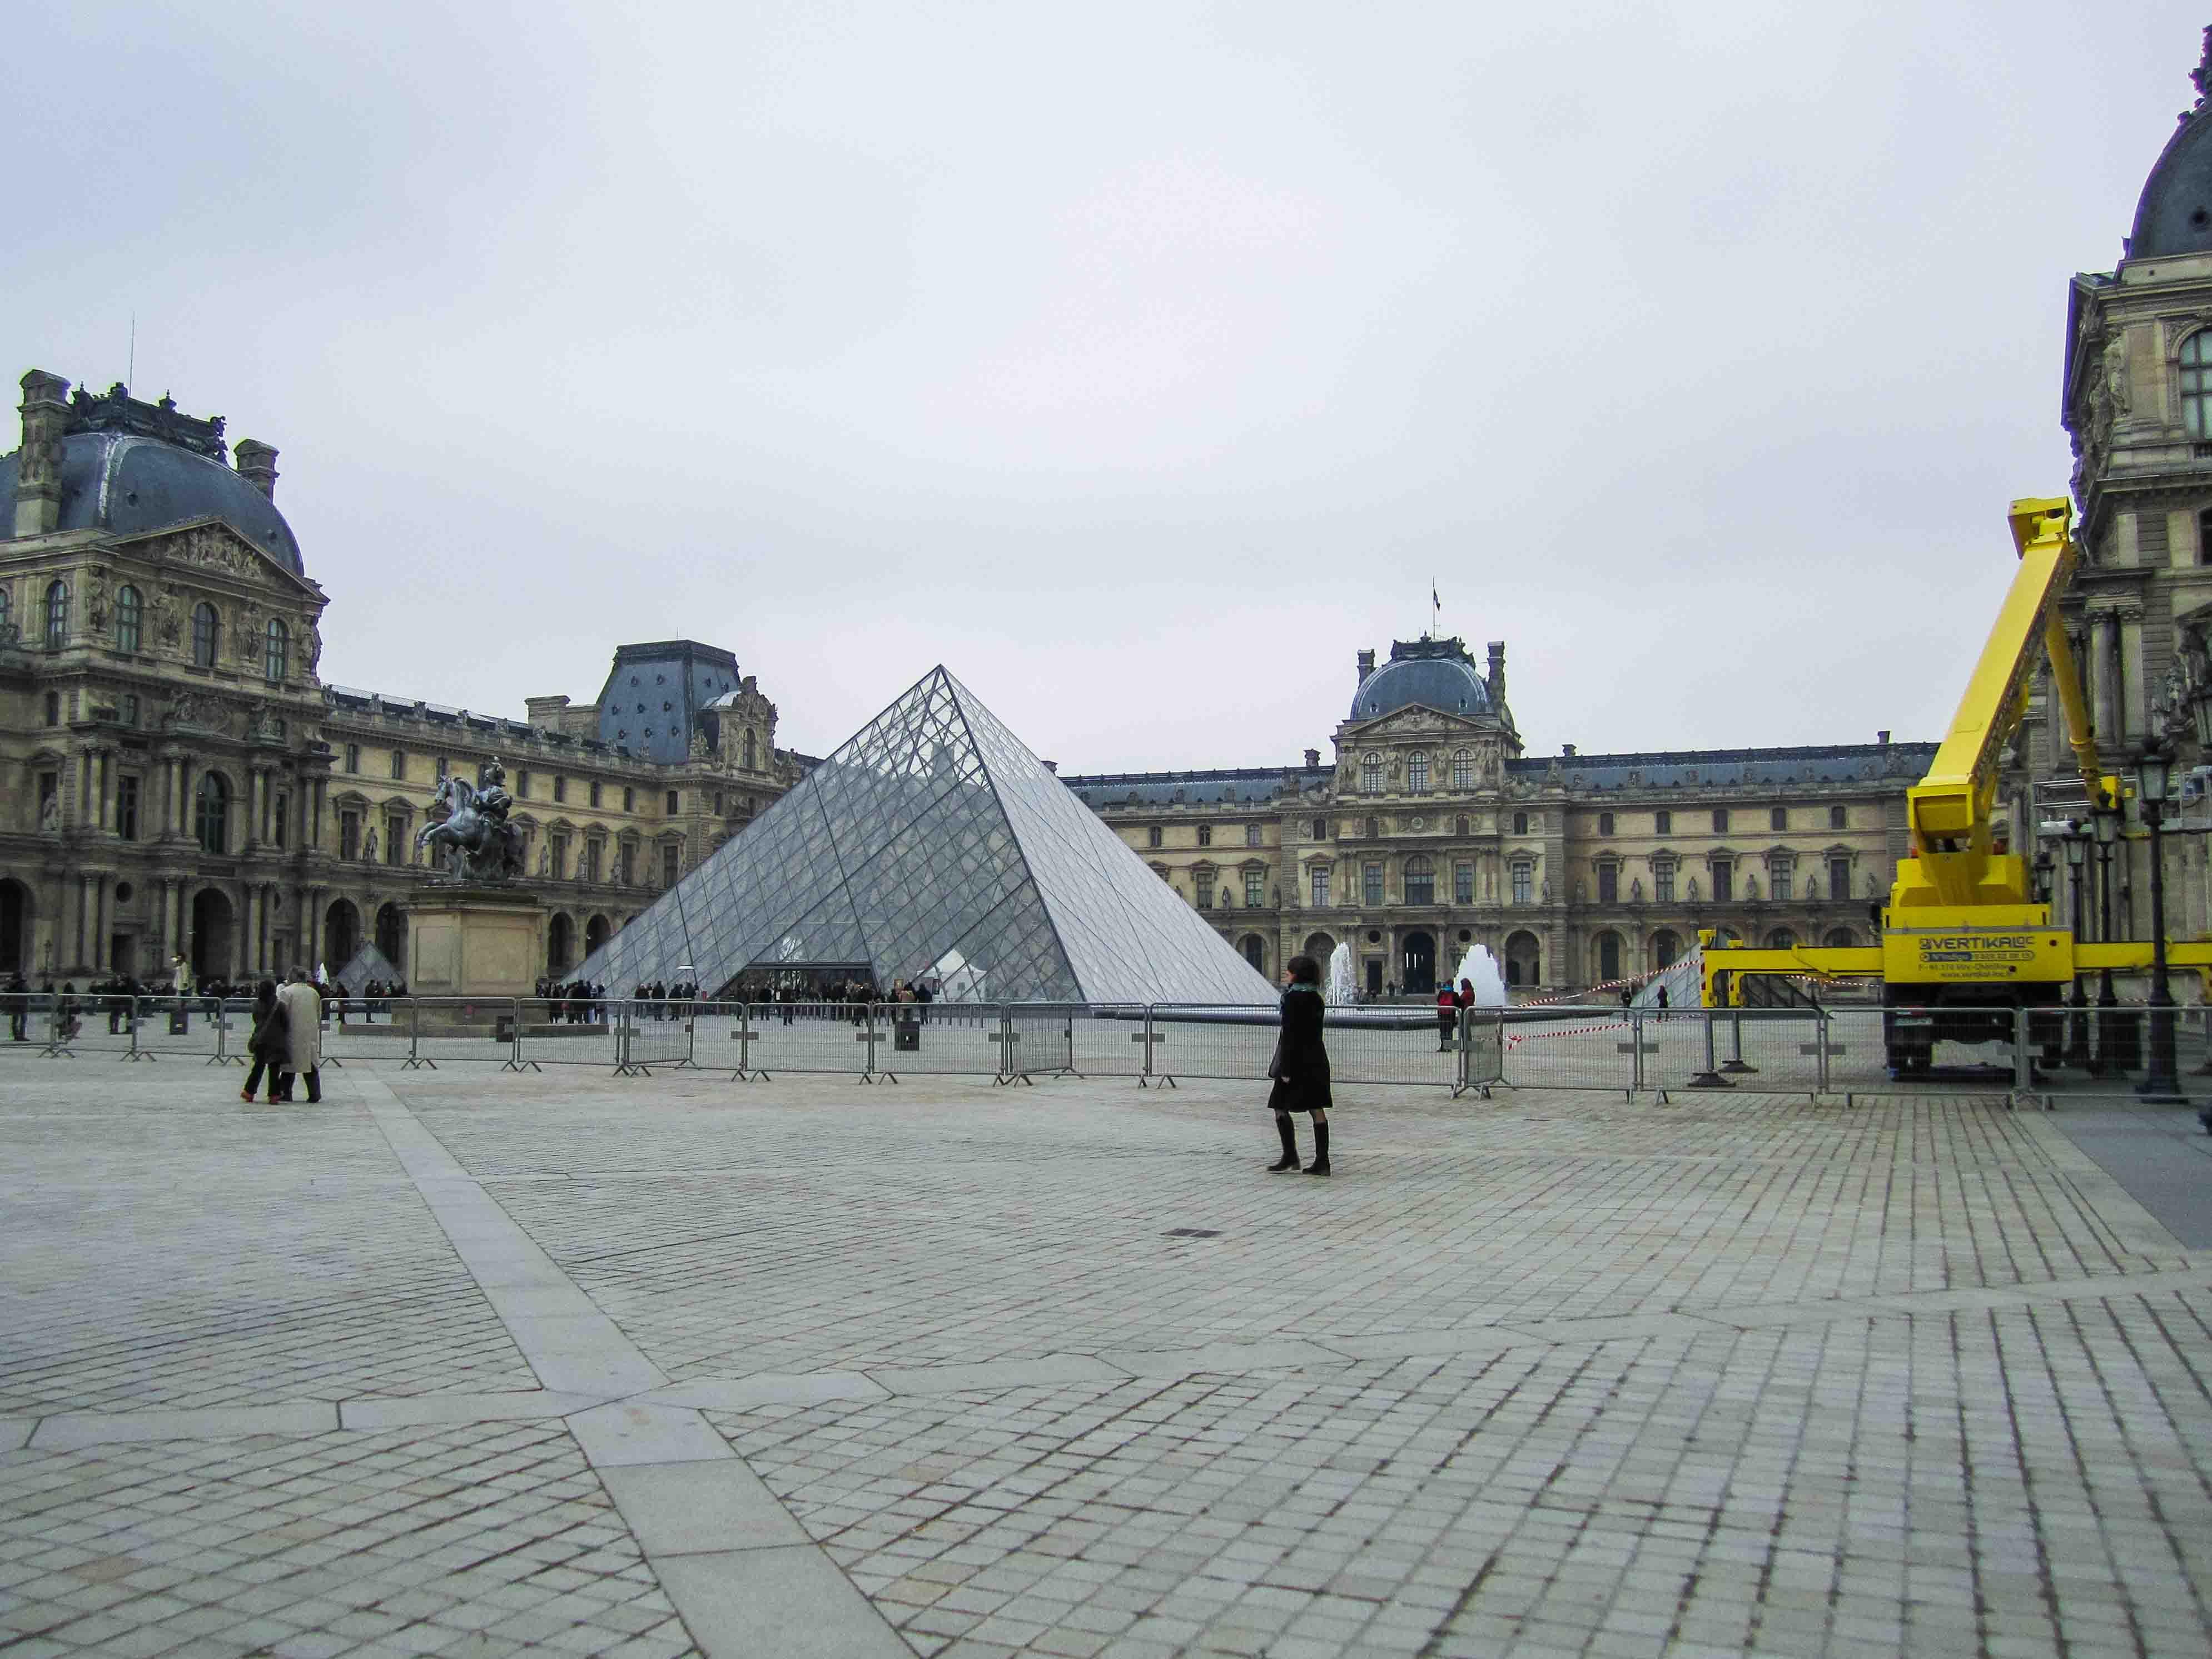 【フランス旅行】パリ ルーブル美術館の前を通り過ぎる